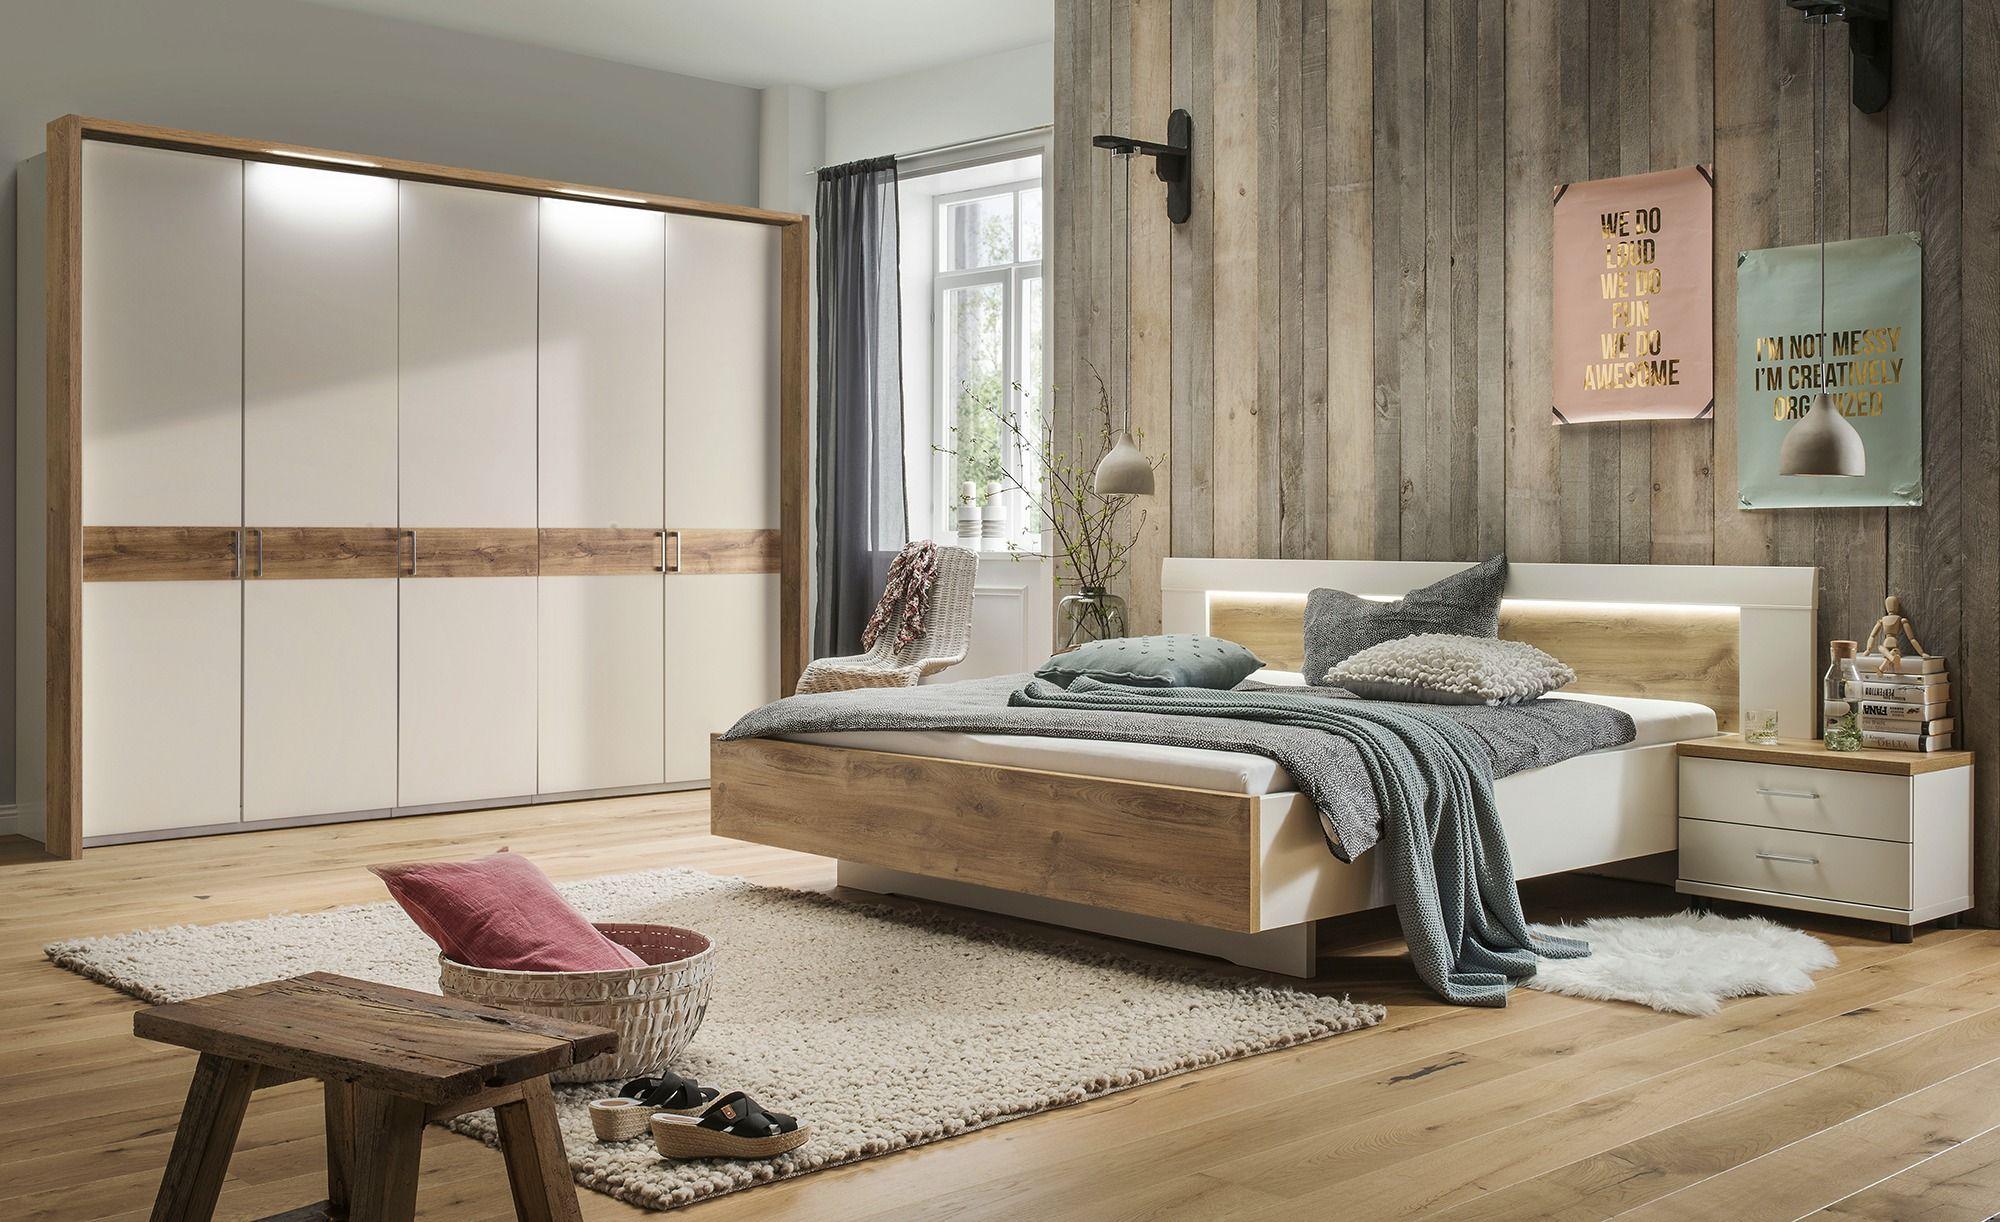 uno KomplettSchlafzimmer 4teilig weiß Komplett